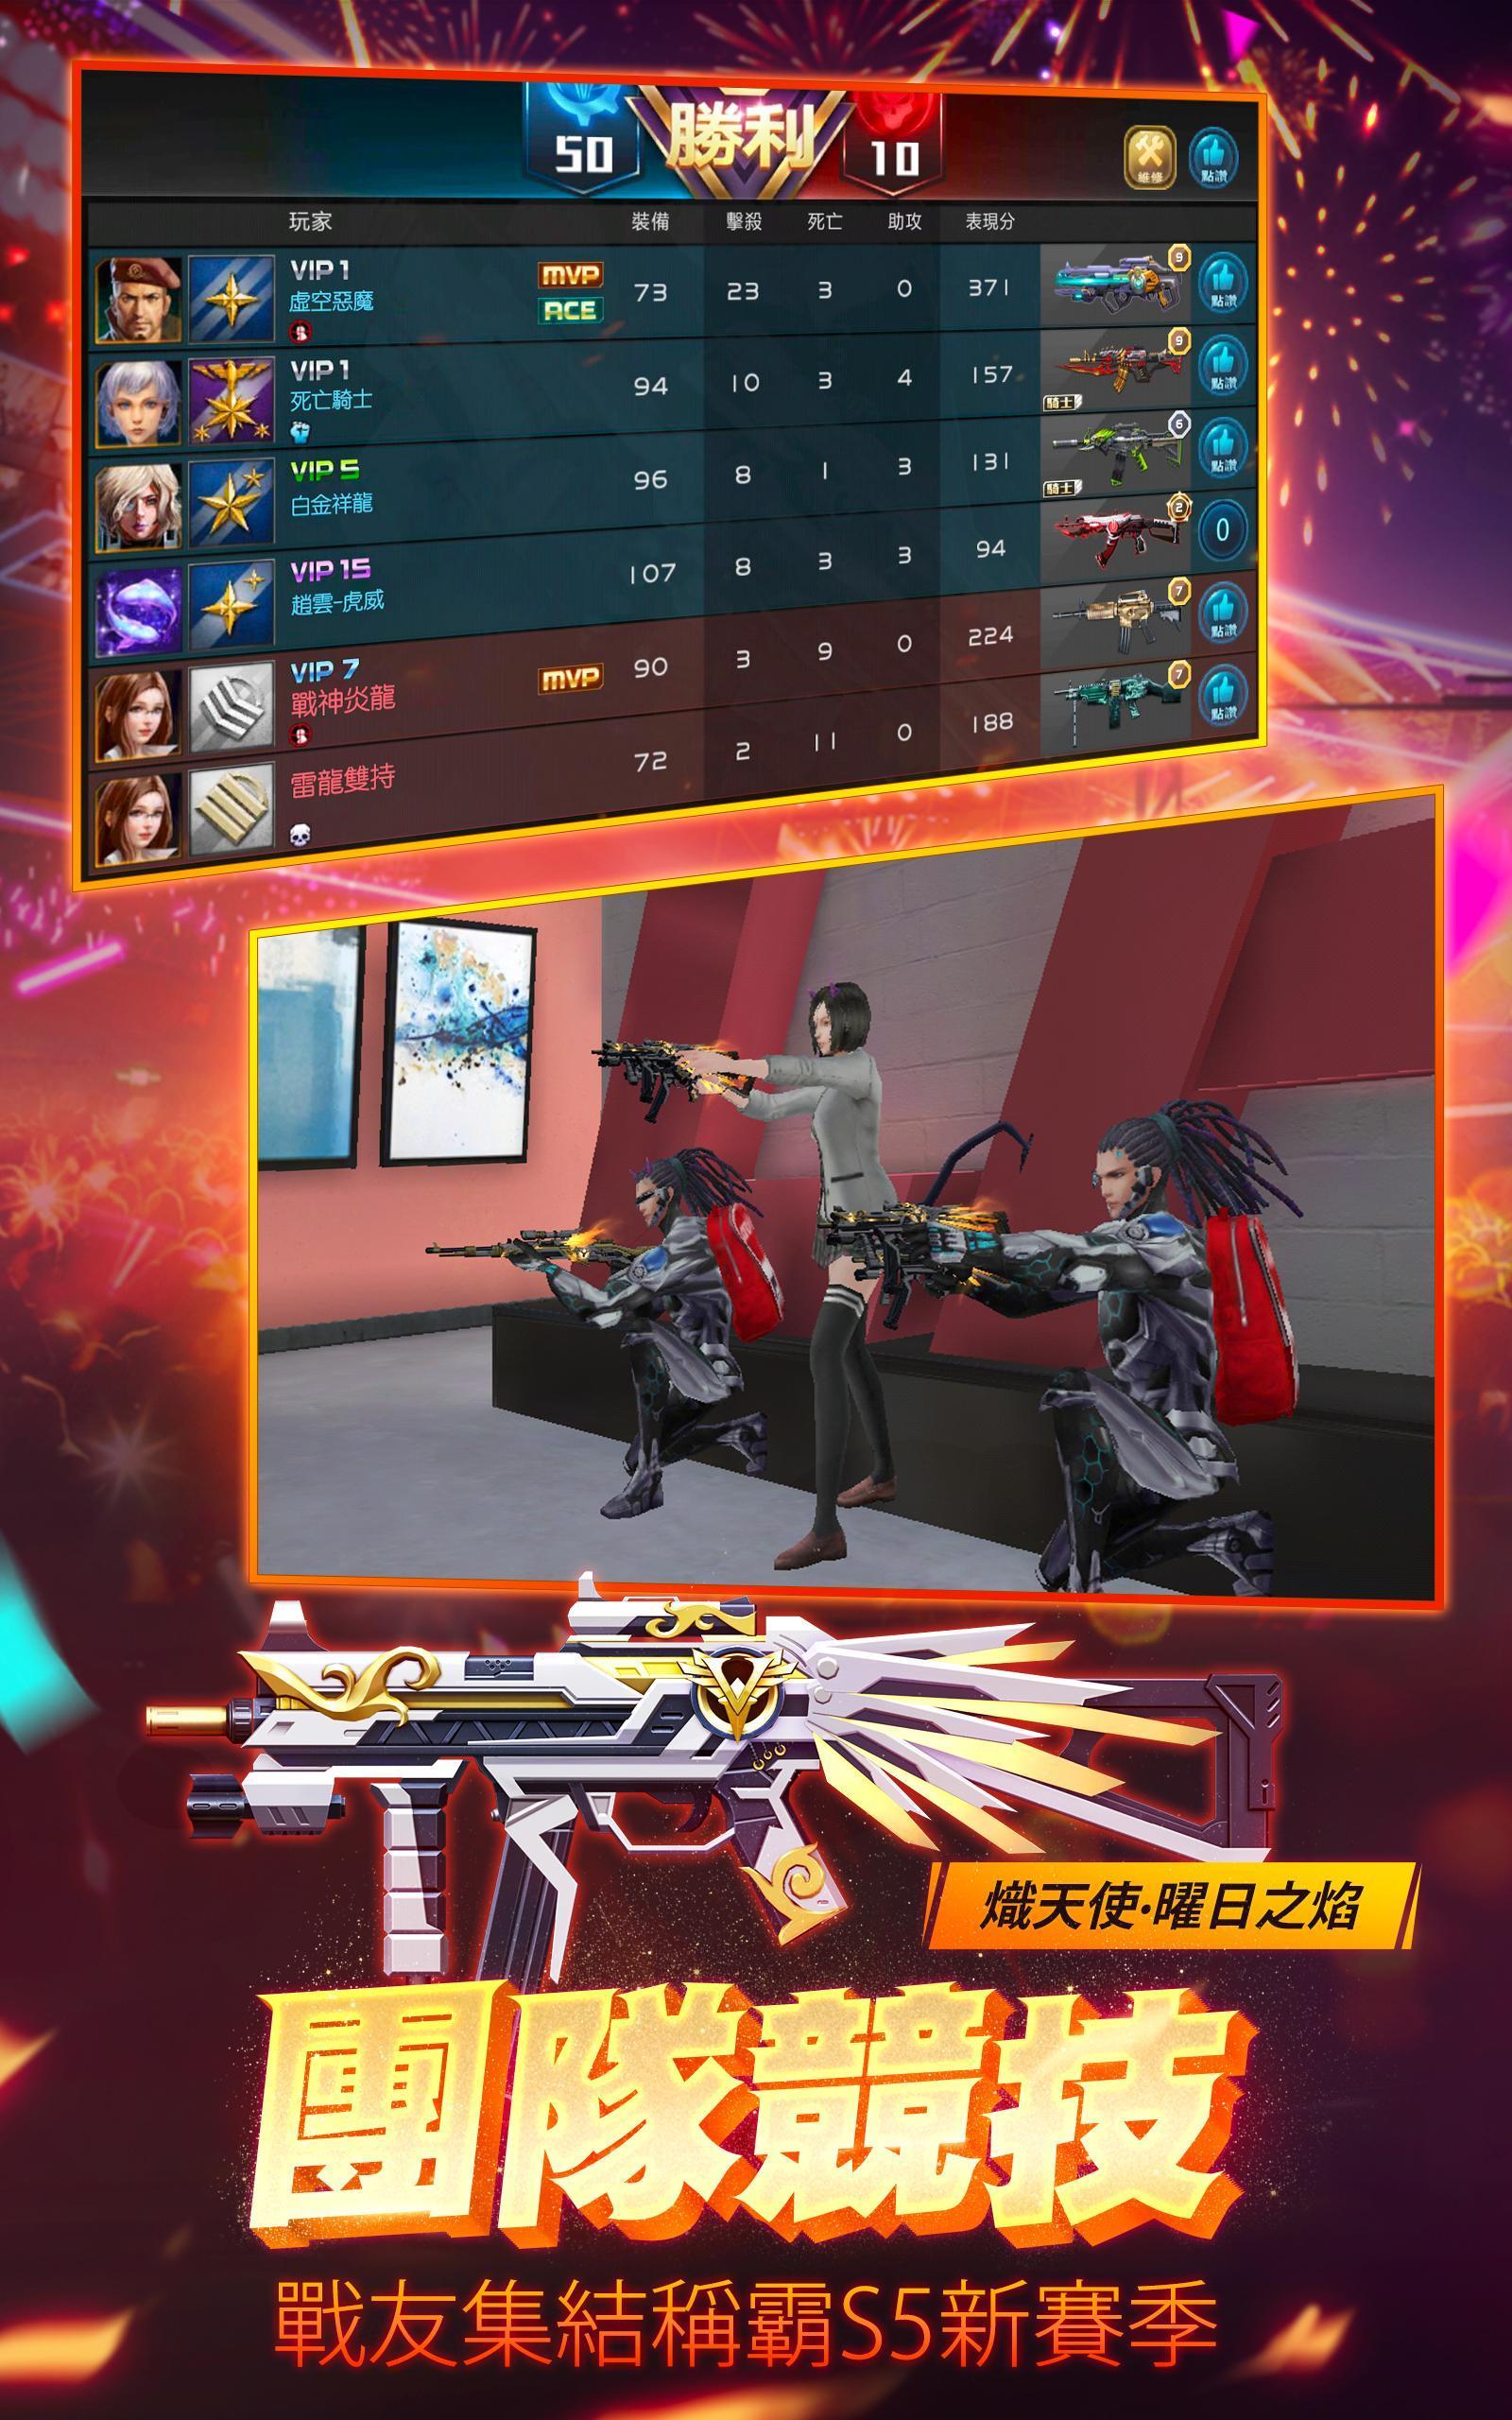 全民槍戰Crisis Action: No.1 FPS Game 3.10.03 Screenshot 14